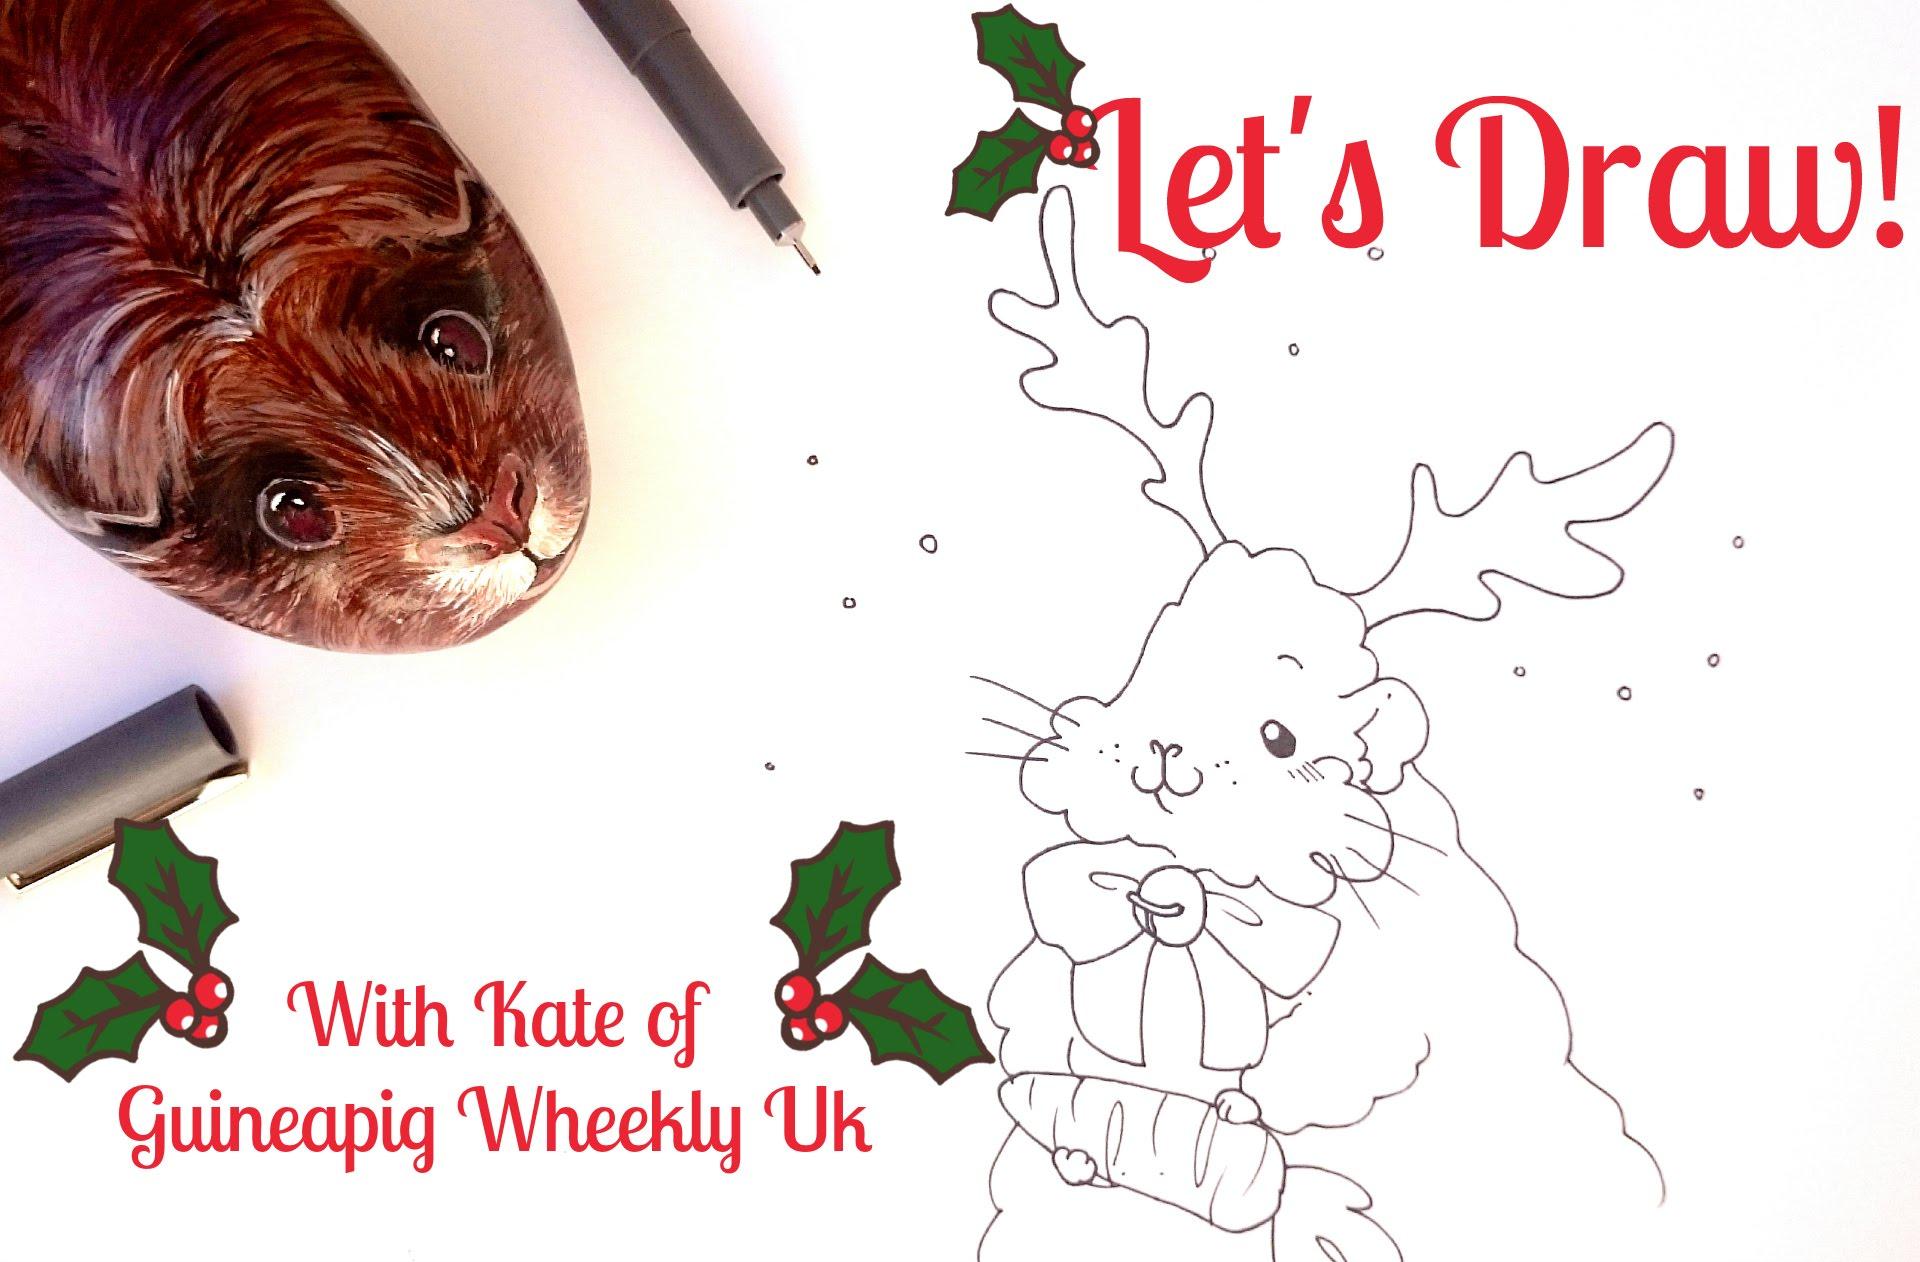 Drawn reindeer merry christmas Let's drawing Reindeer Merry Guineapig